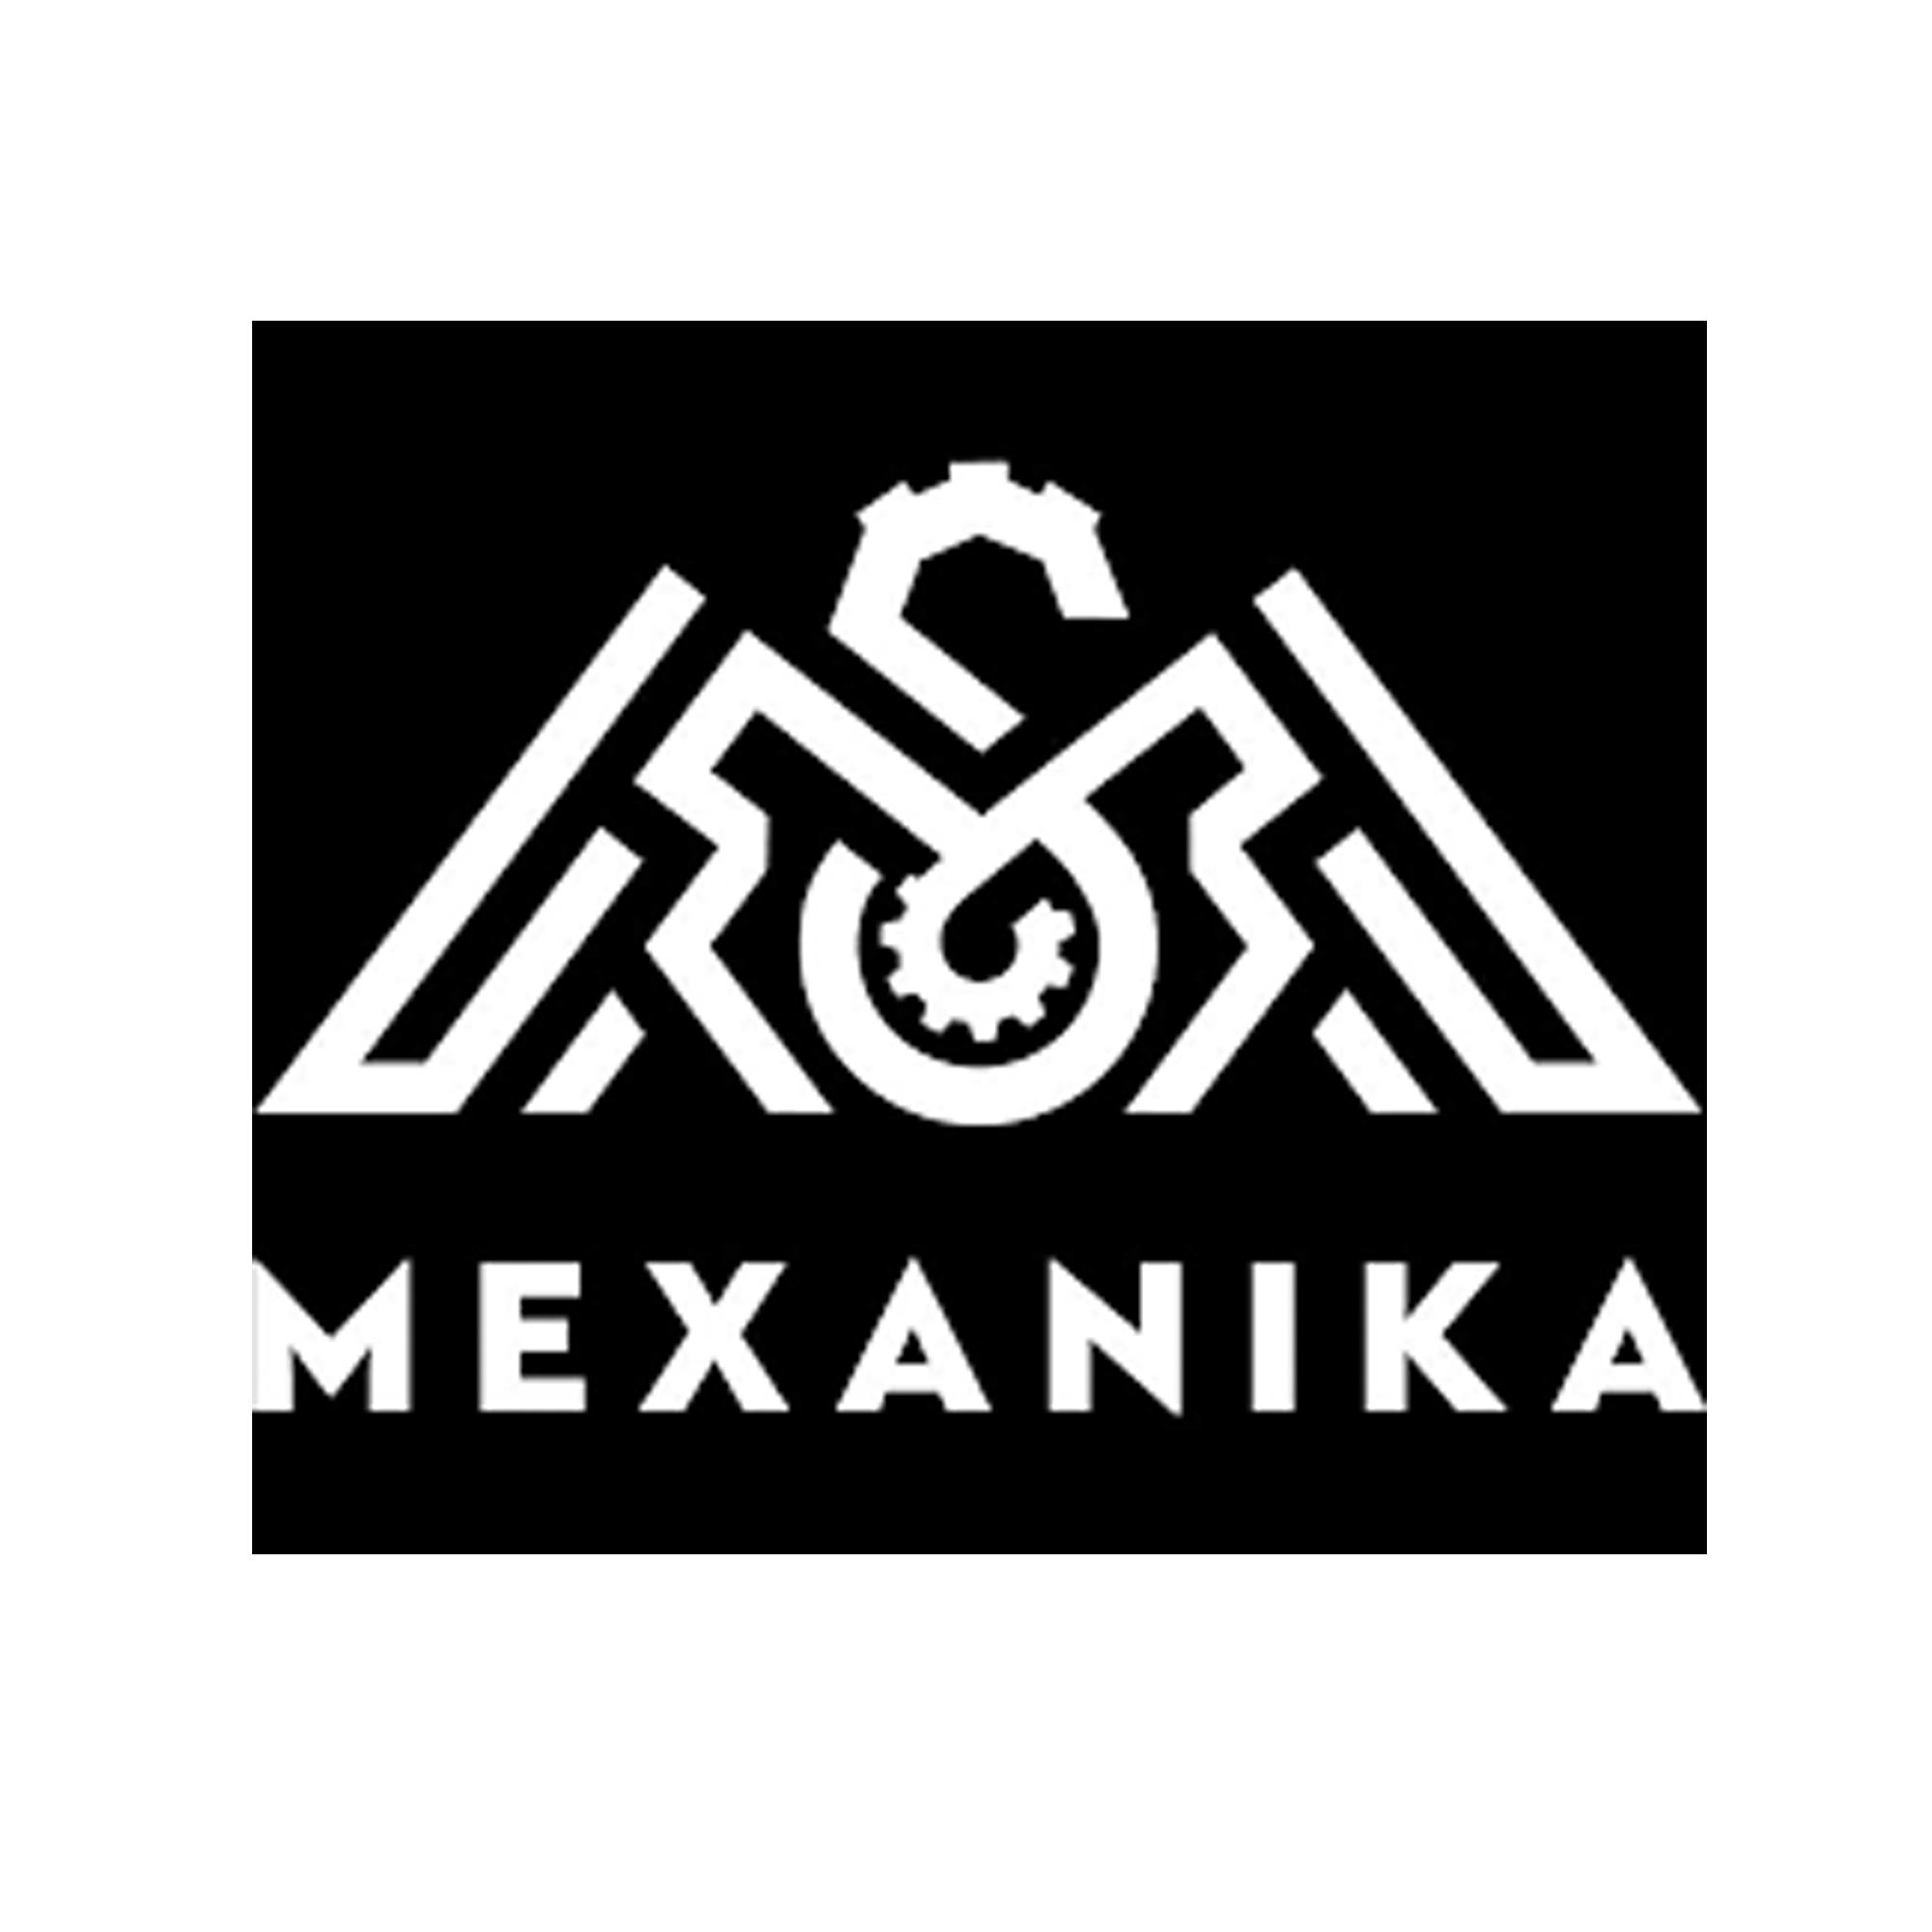 Mexanika